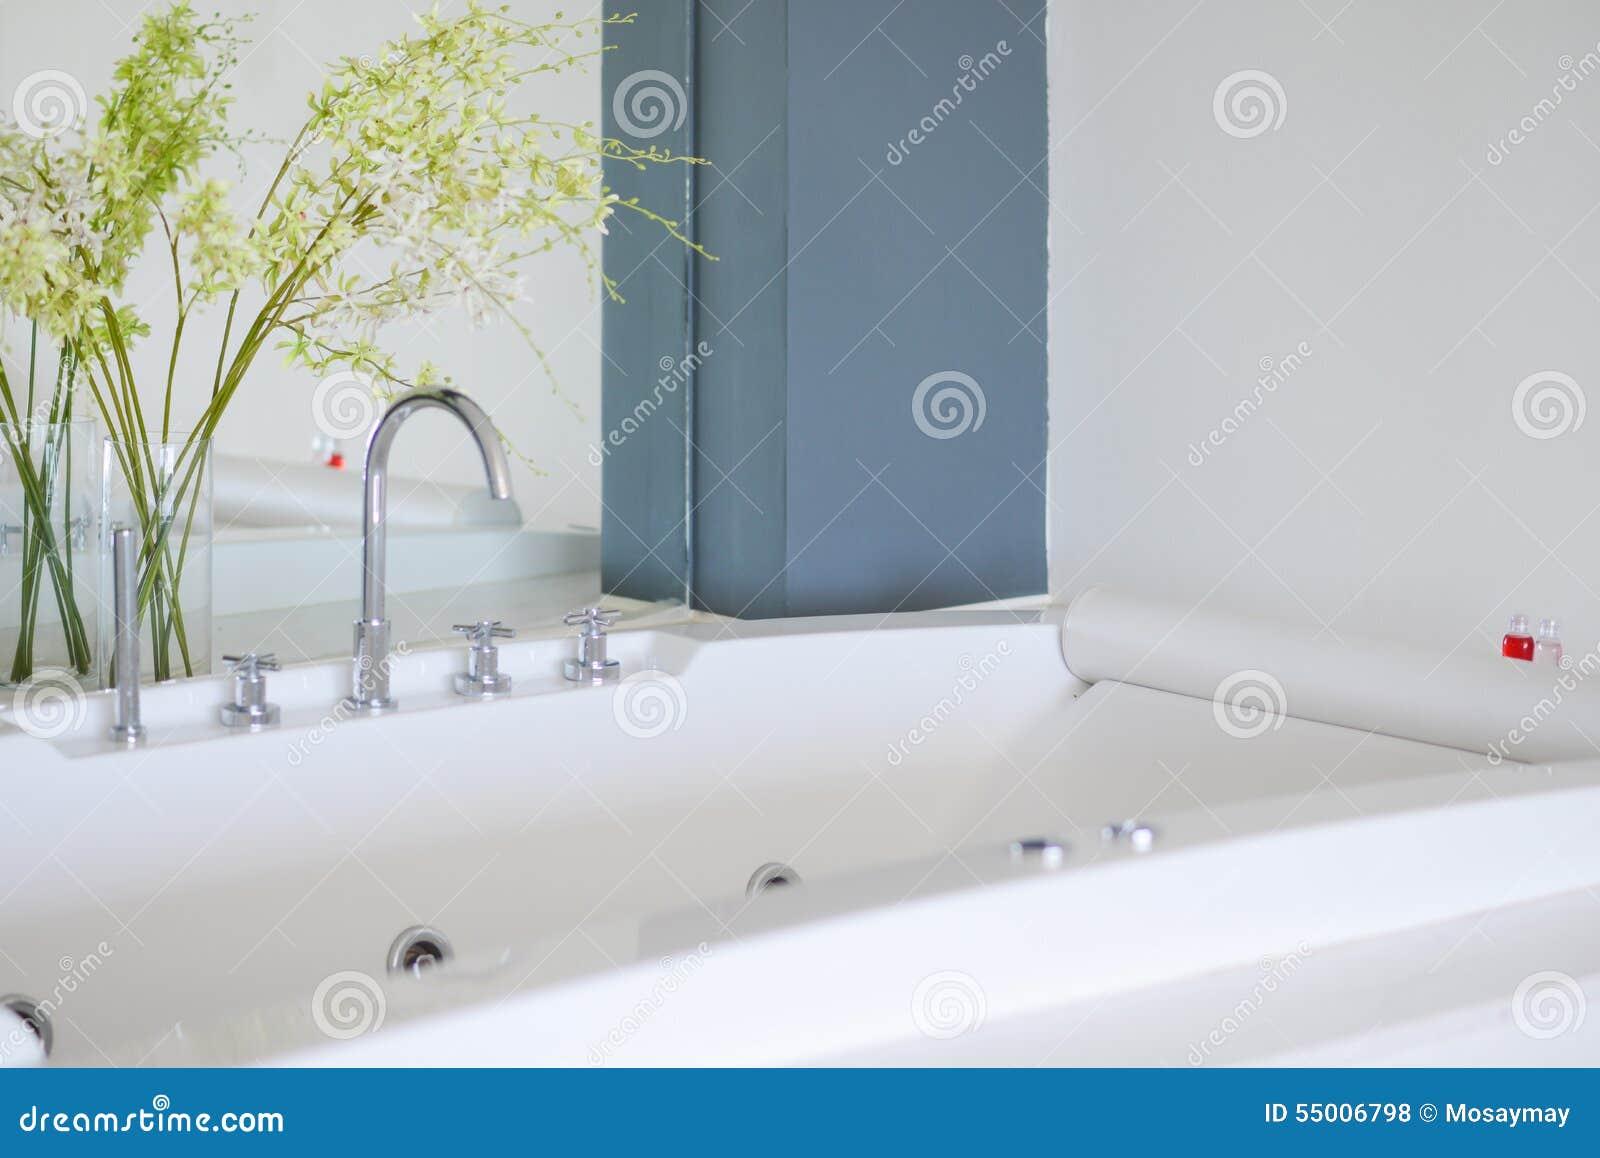 Stort badkar i ett badrum arkivfoto   bild: 49038439